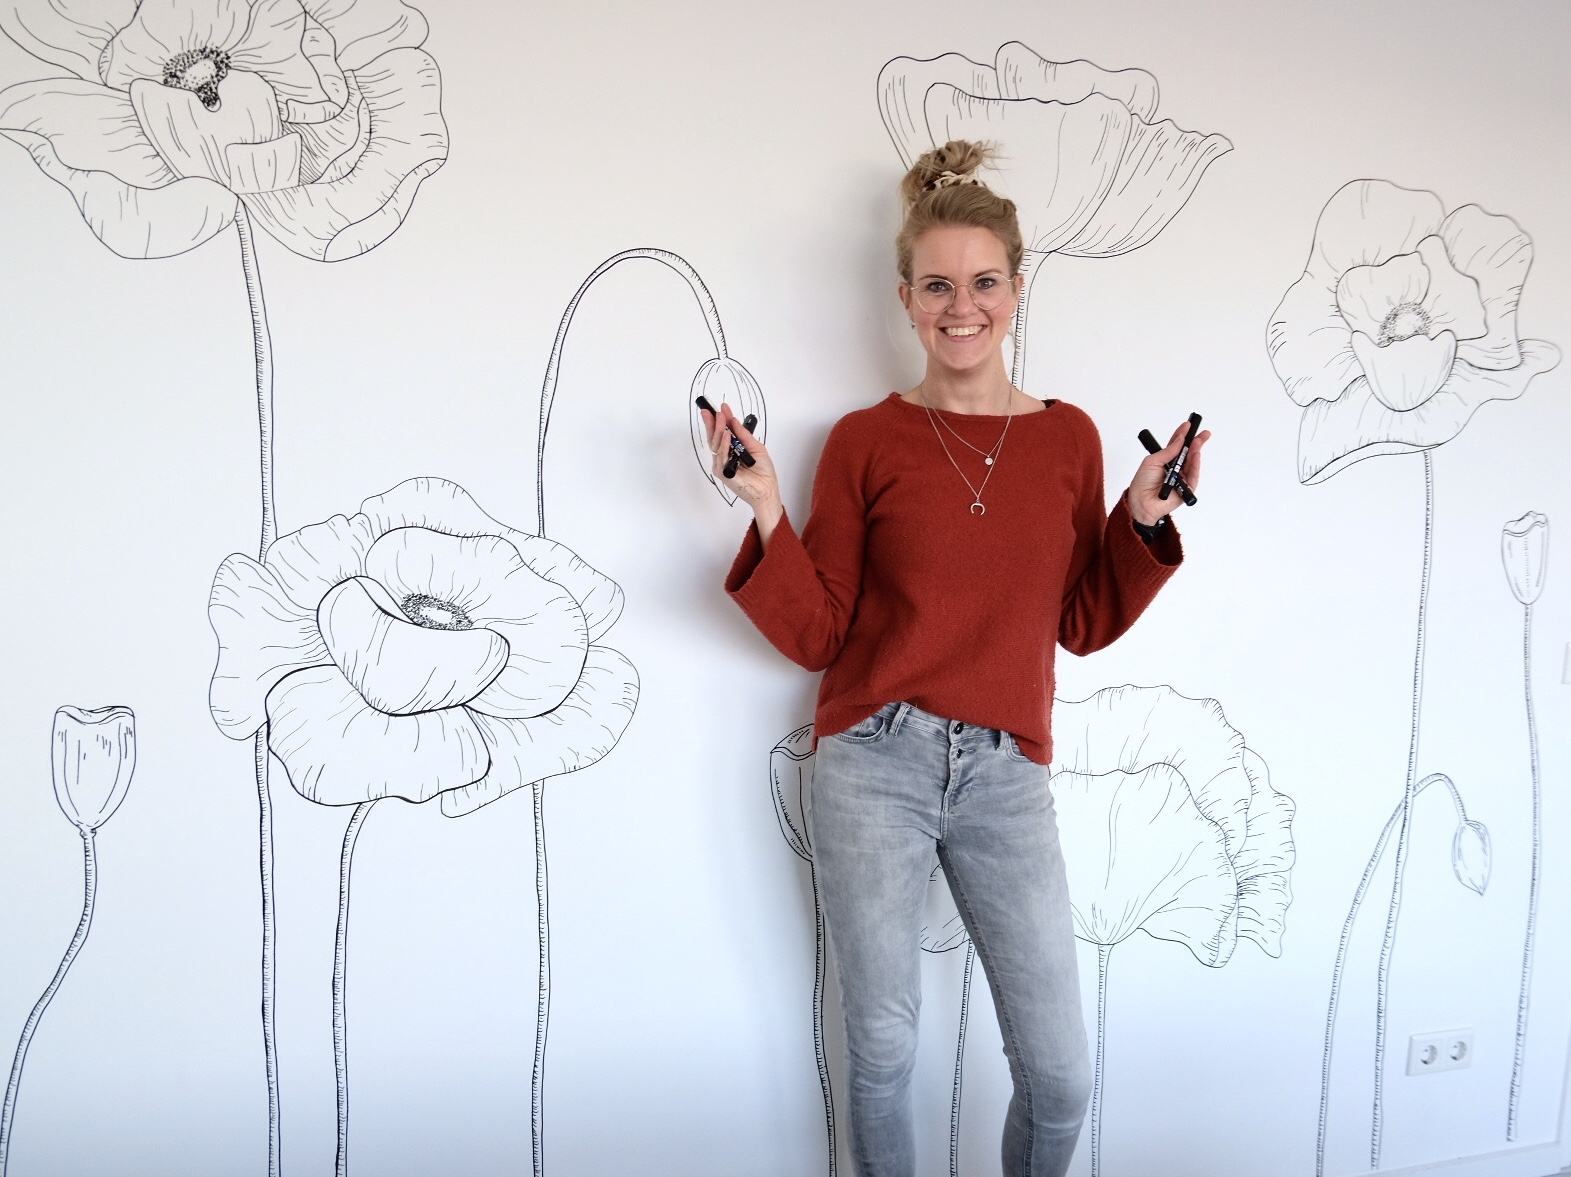 muurtekening bloemen